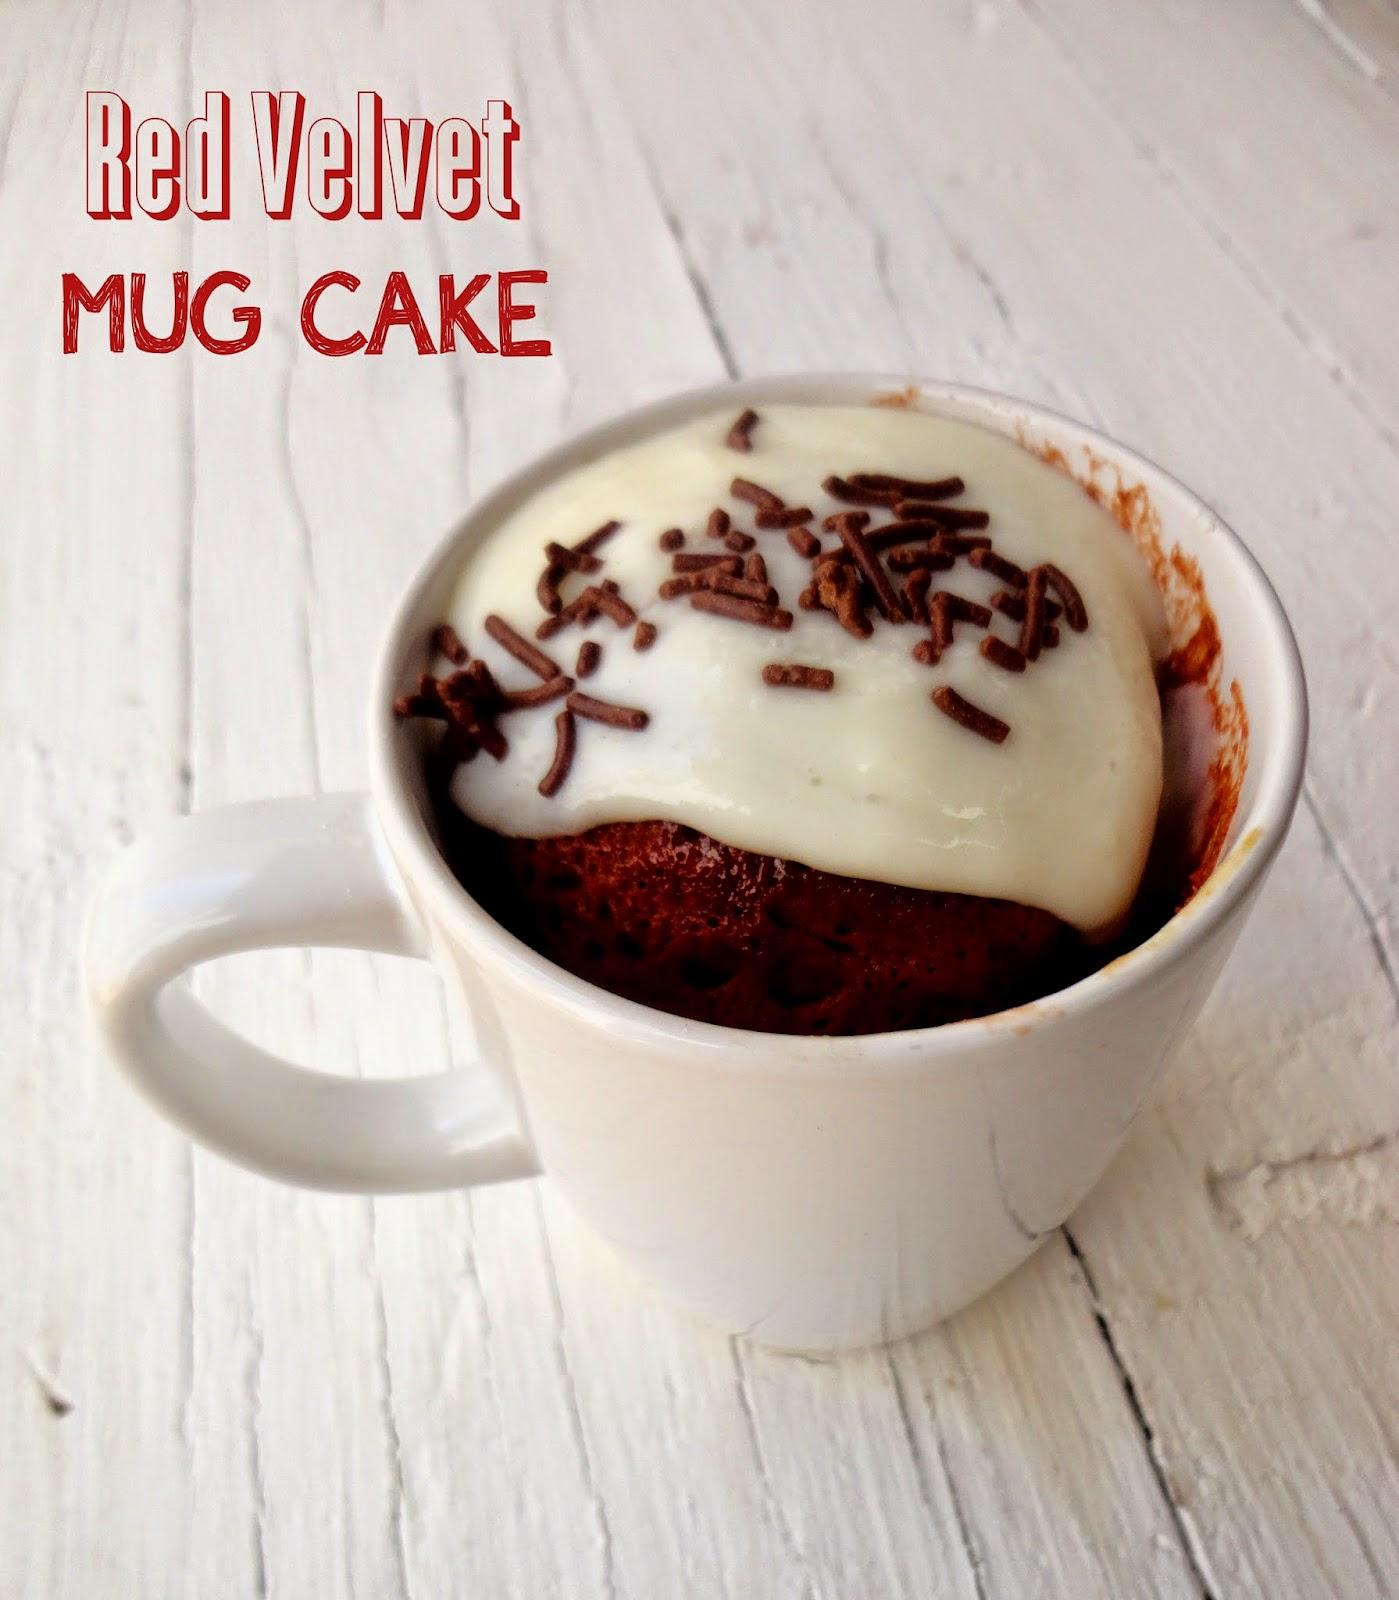 Red Velvet Mug Cake From Box